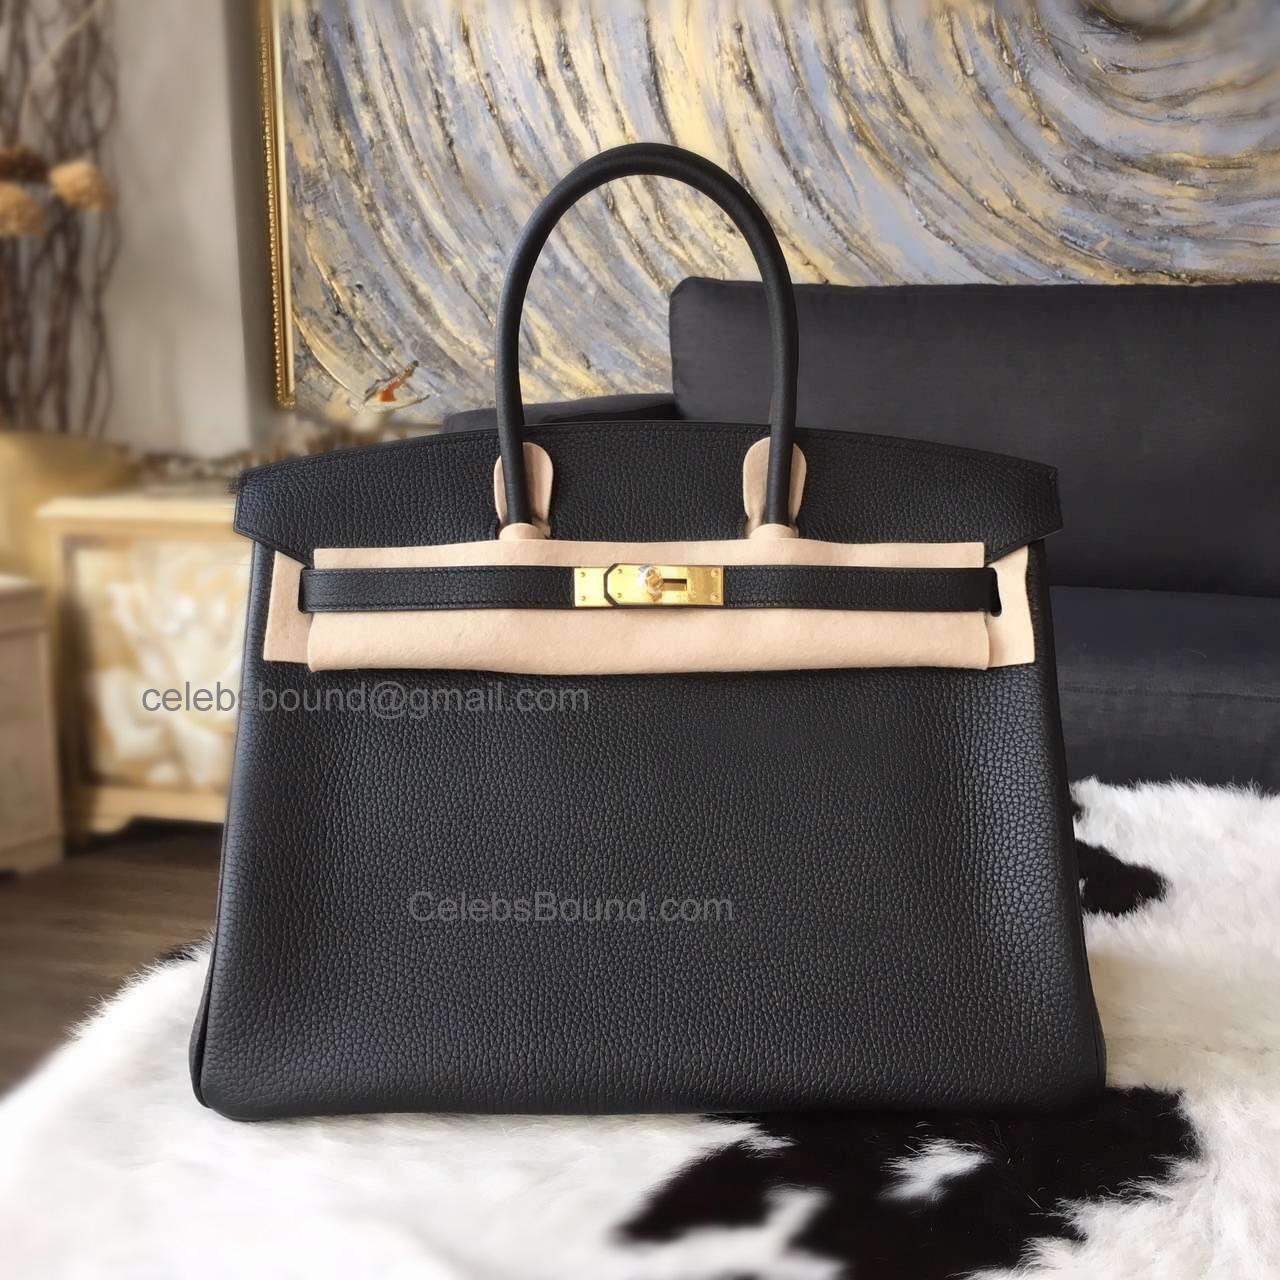 c9b722f9bf017 Hand Stitched Hermes Birkin 35 Bag in ck89 Noir Togo Calfskin GHW -